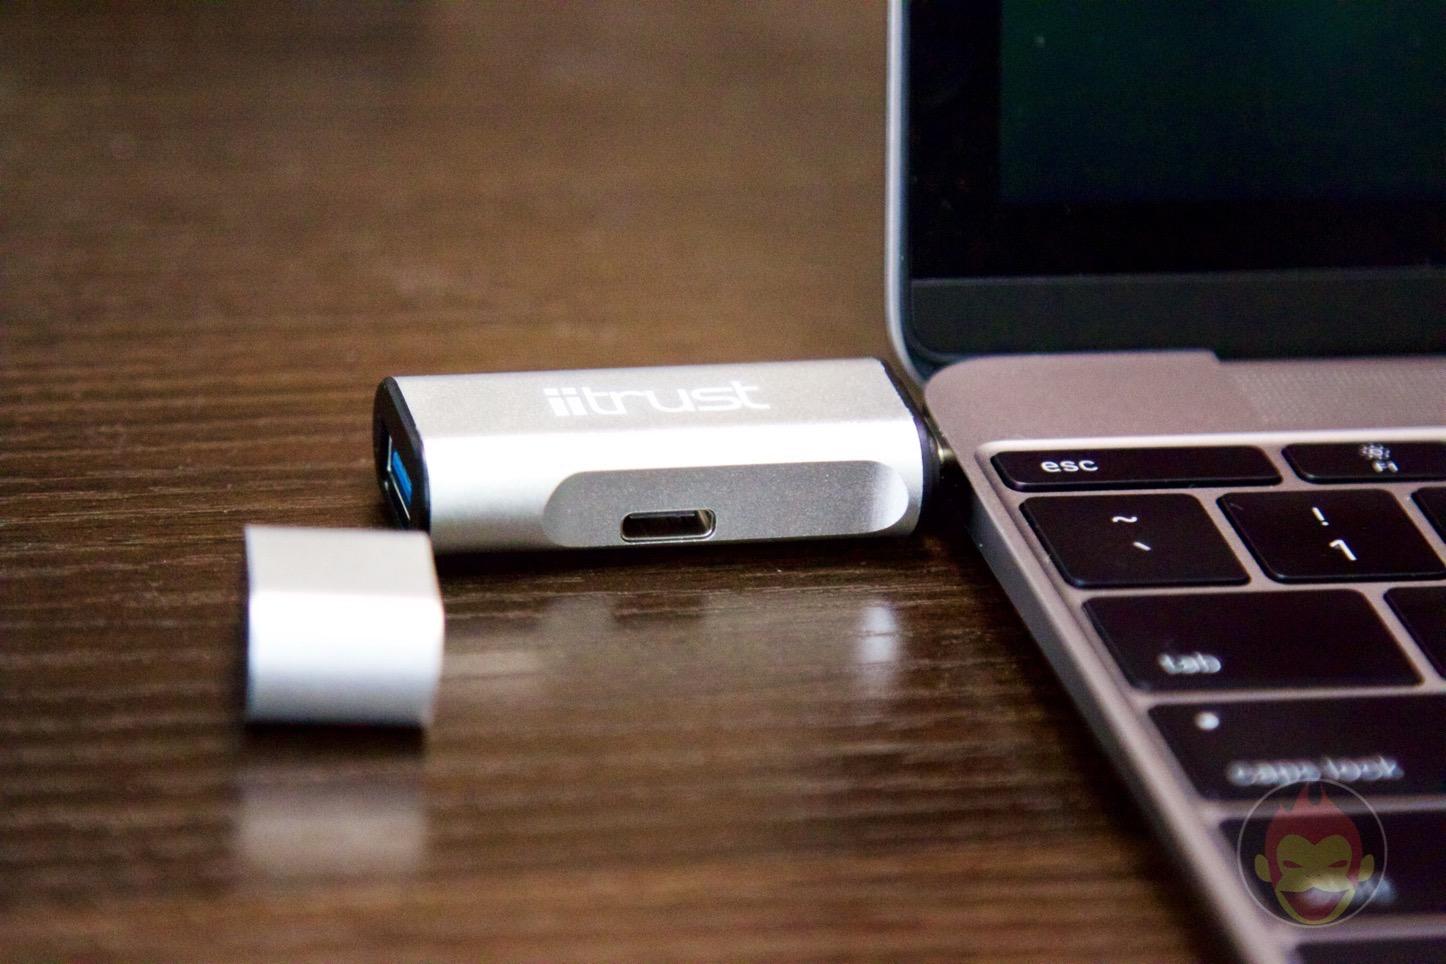 iitrust-MacBook-USB-Adapter-06.jpg